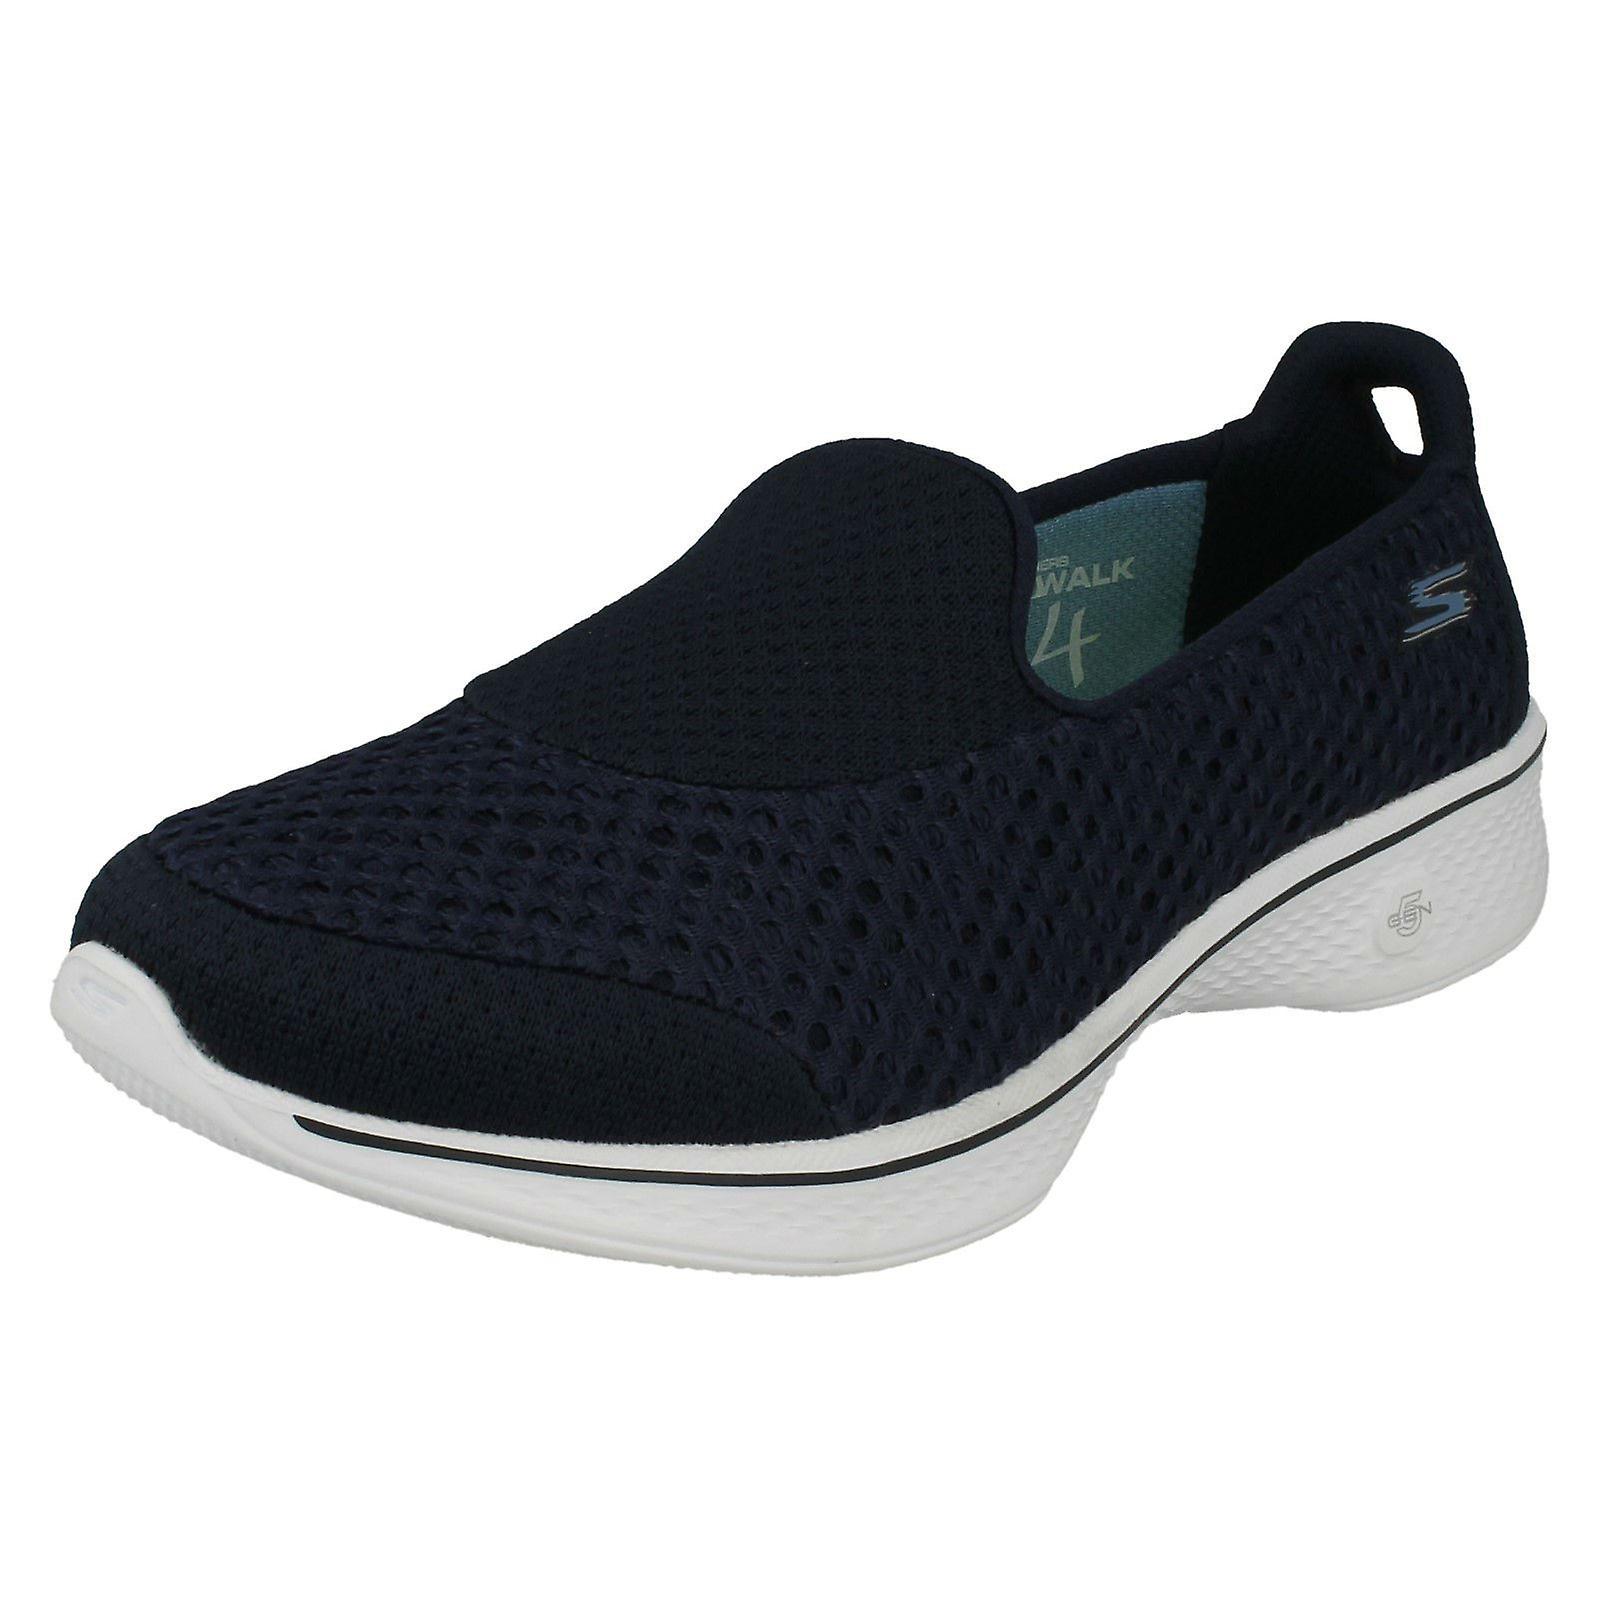 b03c10833221 Ladies Skechers Slip On Pumps Go Walk 4 Kindle 14145